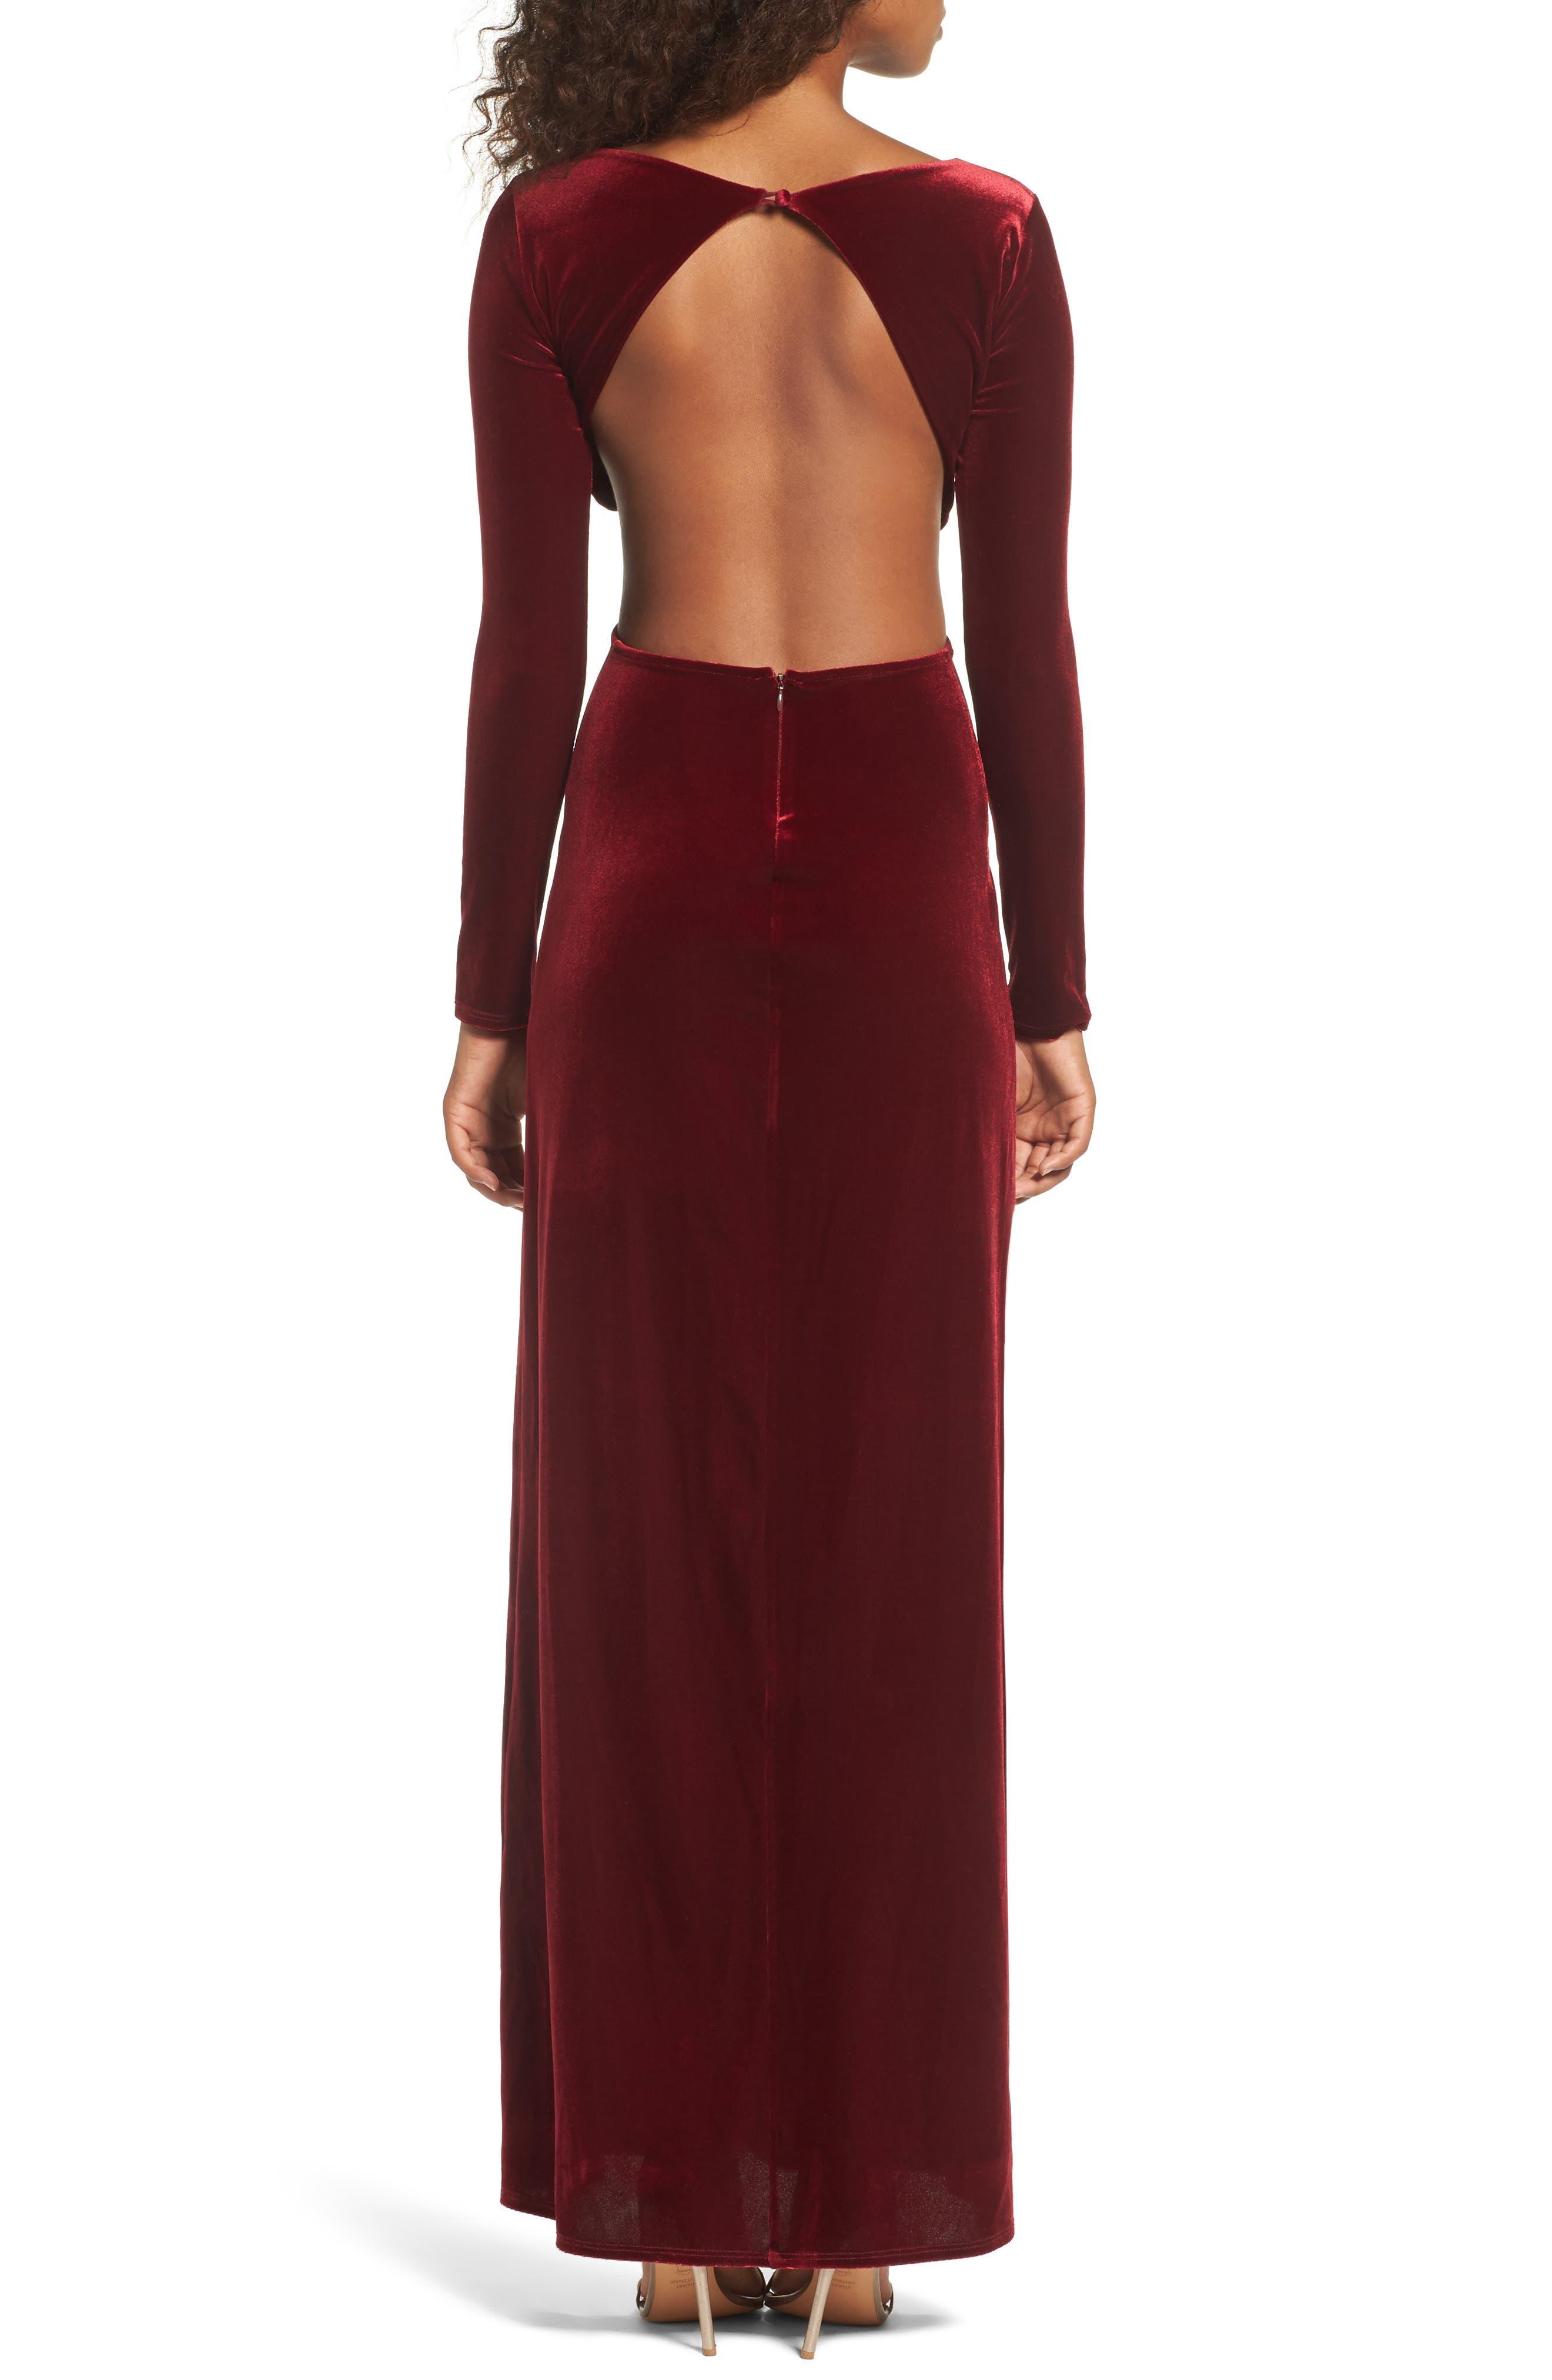 Besame Long Sleeve Velvet Maxi Dress,                             Alternate thumbnail 2, color,                             Burgundy